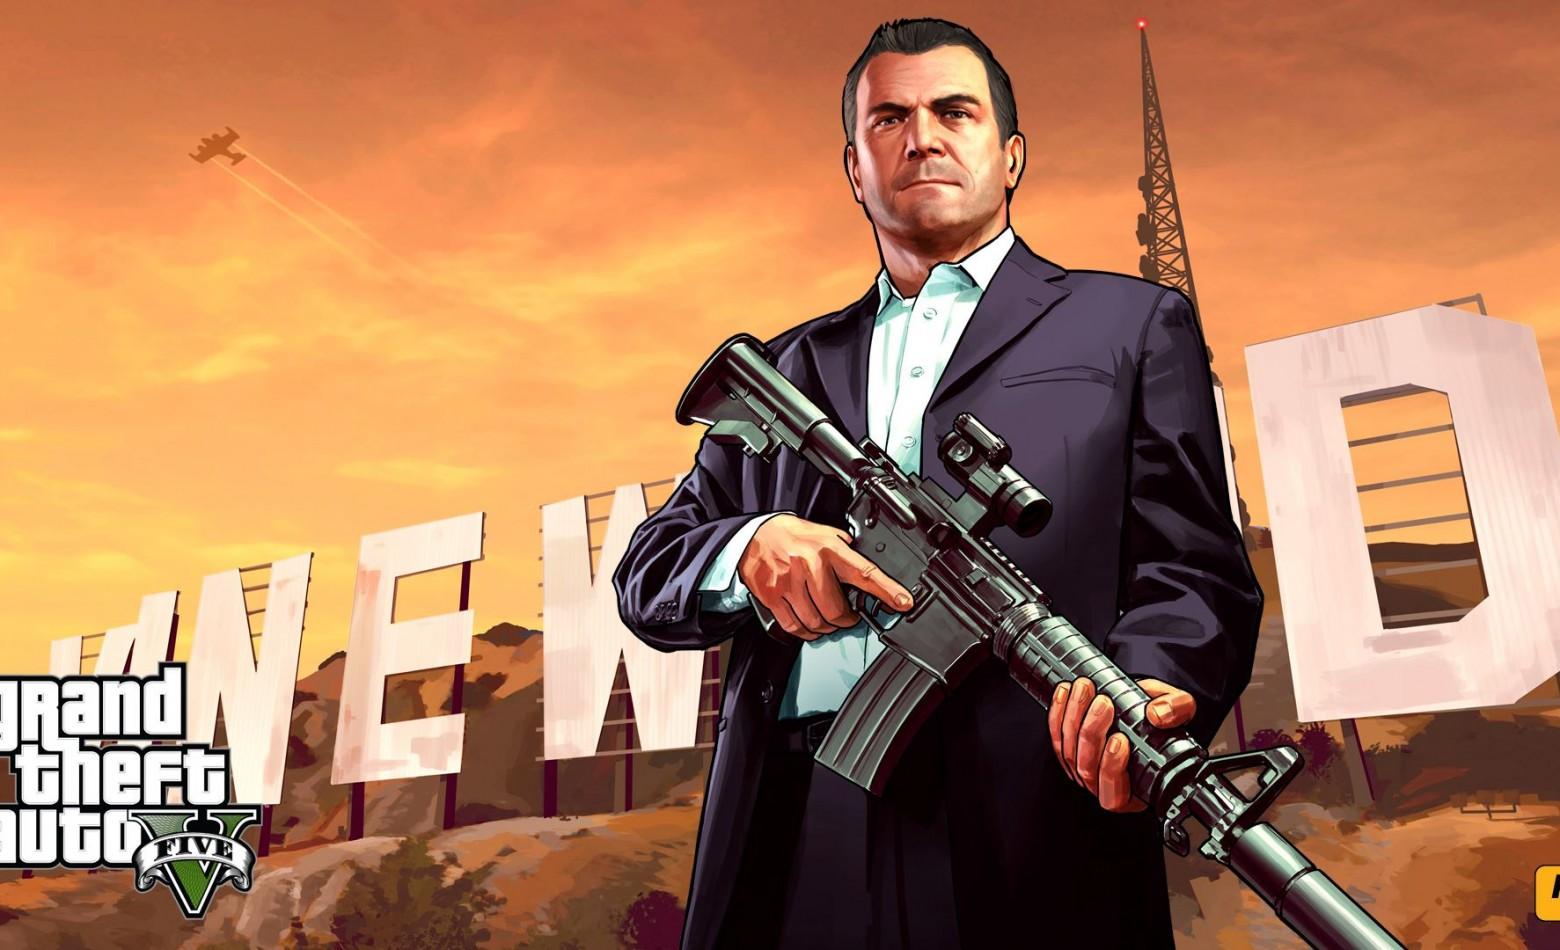 Novidade: GTA 5 é o jogo mais vendido de 2013